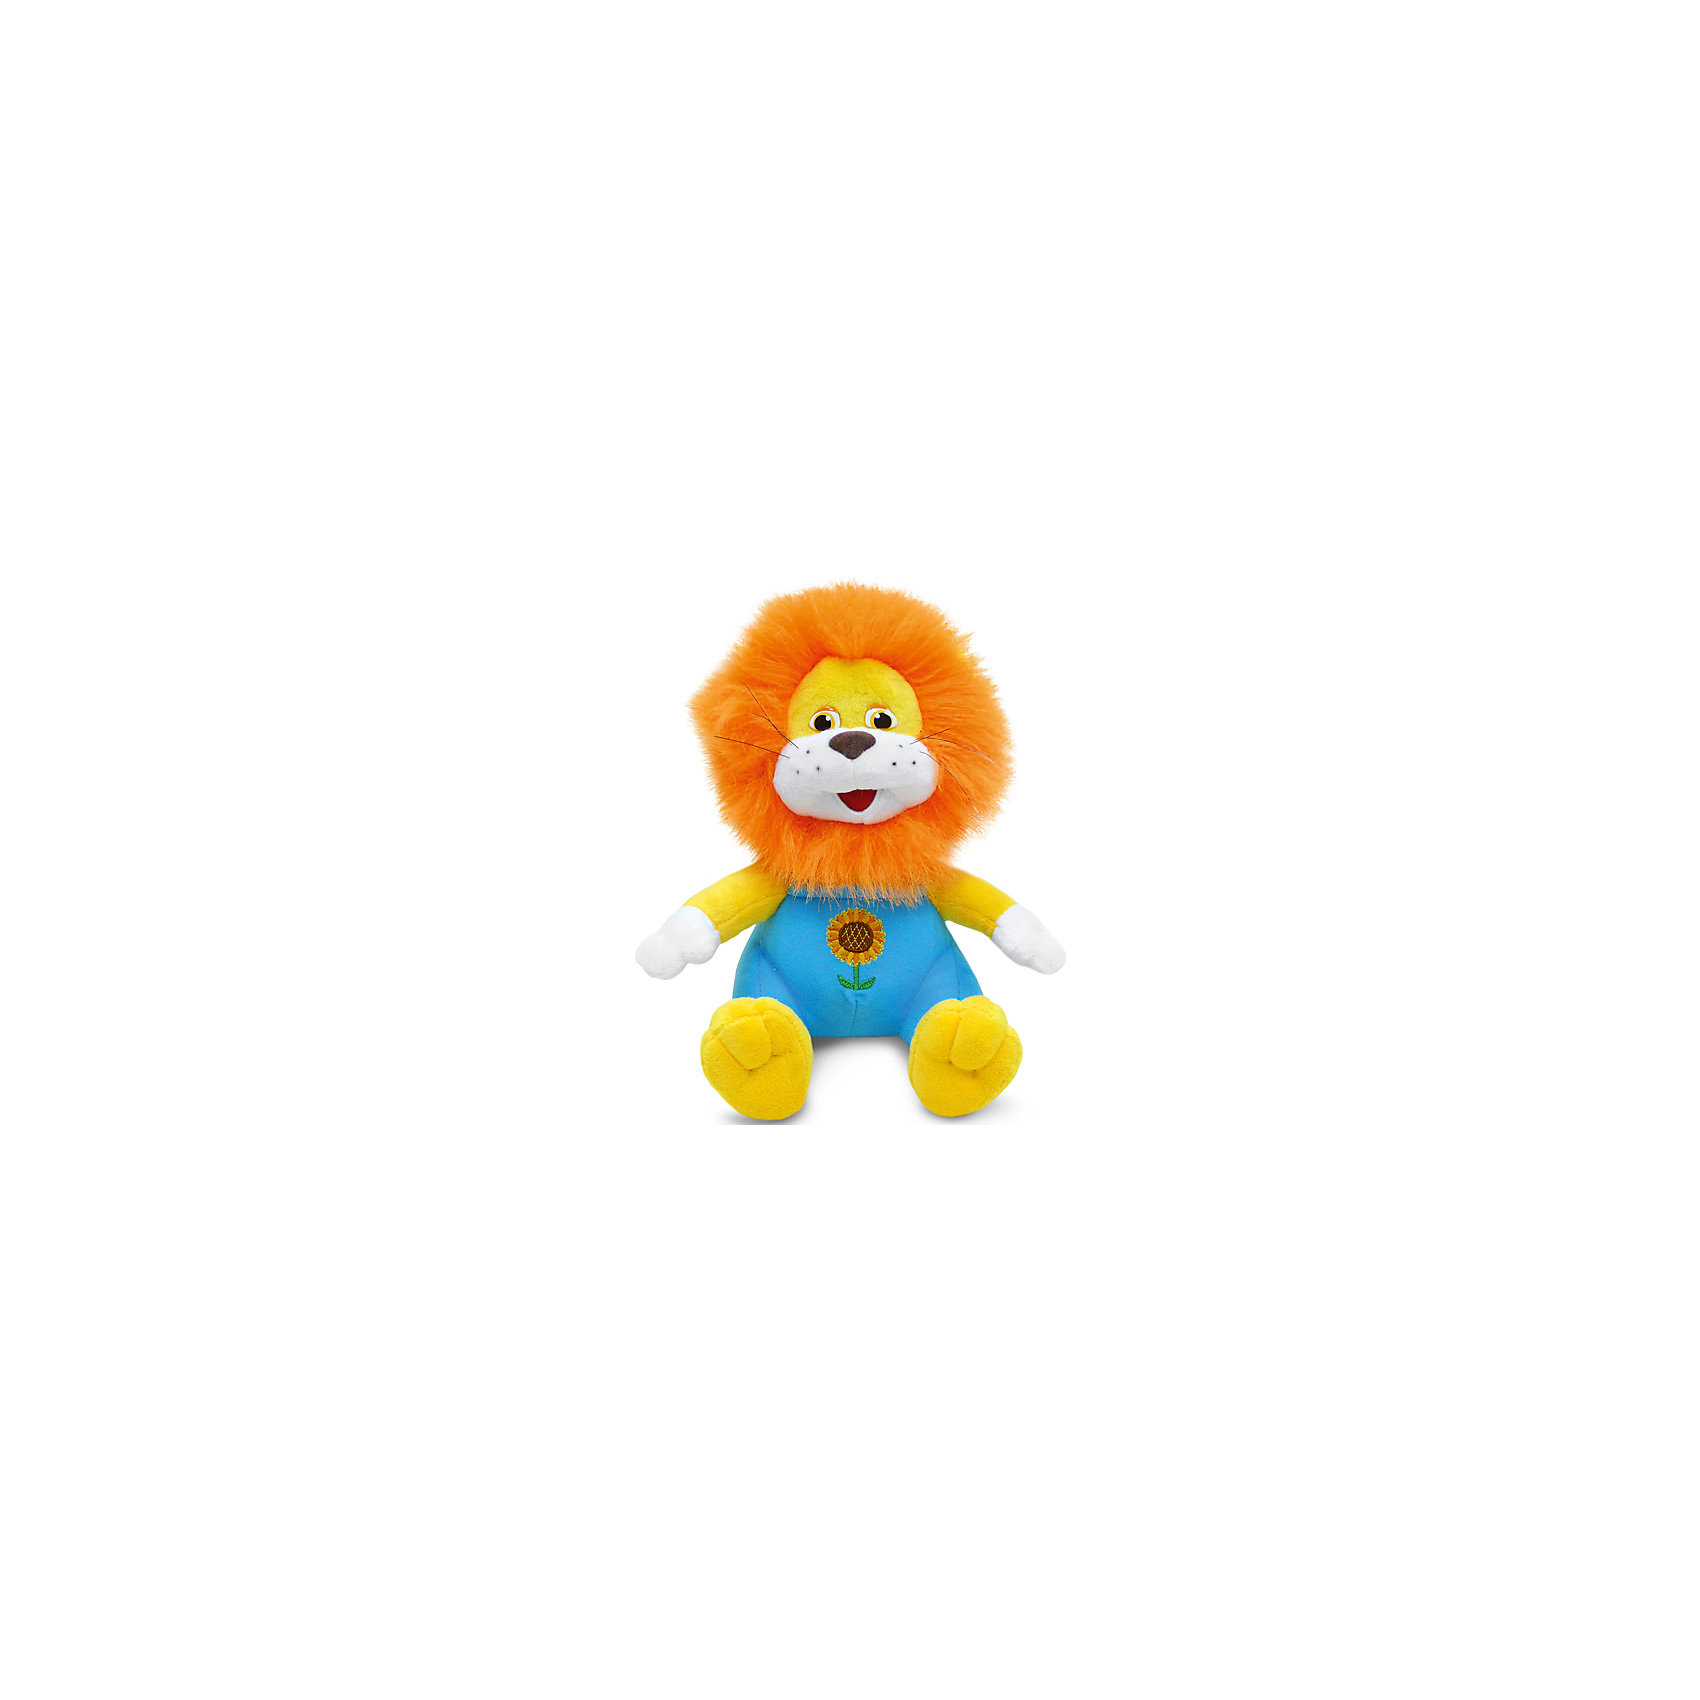 Львенок в штанишках, музыкальный, 27 см, LAVAЗвери и птицы<br>Симпатичная мягкая игрушка сделана в виде Рыжего львенка в штанах. Она поможет ребенку проводить время весело и с пользой (такие игрушки развивают воображение и моторику). В игрушке есть встроенный звуковой модуль, работающий на батарейках.<br>Размер игрушки универсален - 27 сантиметра, её удобно брать с собой в поездки и на прогулку. Сделан Львенок из качественных и безопасных для ребенка материалов, которые еще и приятны на ощупь. Эта игрушка может стать и отличным подарком для взрослого.<br><br>Дополнительная информация:<br><br>- материал: текстиль, пластик;<br>- звуковой модуль;<br>- язык: русский;<br>- работает на батарейках;<br>- высота: 27 см.<br><br>Игрушку Львенок в штанишках, музыкальный, 27 см, от марки LAVA можно купить в нашем магазине.<br><br>Ширина мм: 270<br>Глубина мм: 130<br>Высота мм: 120<br>Вес г: 357<br>Возраст от месяцев: 36<br>Возраст до месяцев: 1188<br>Пол: Унисекс<br>Возраст: Детский<br>SKU: 4701872